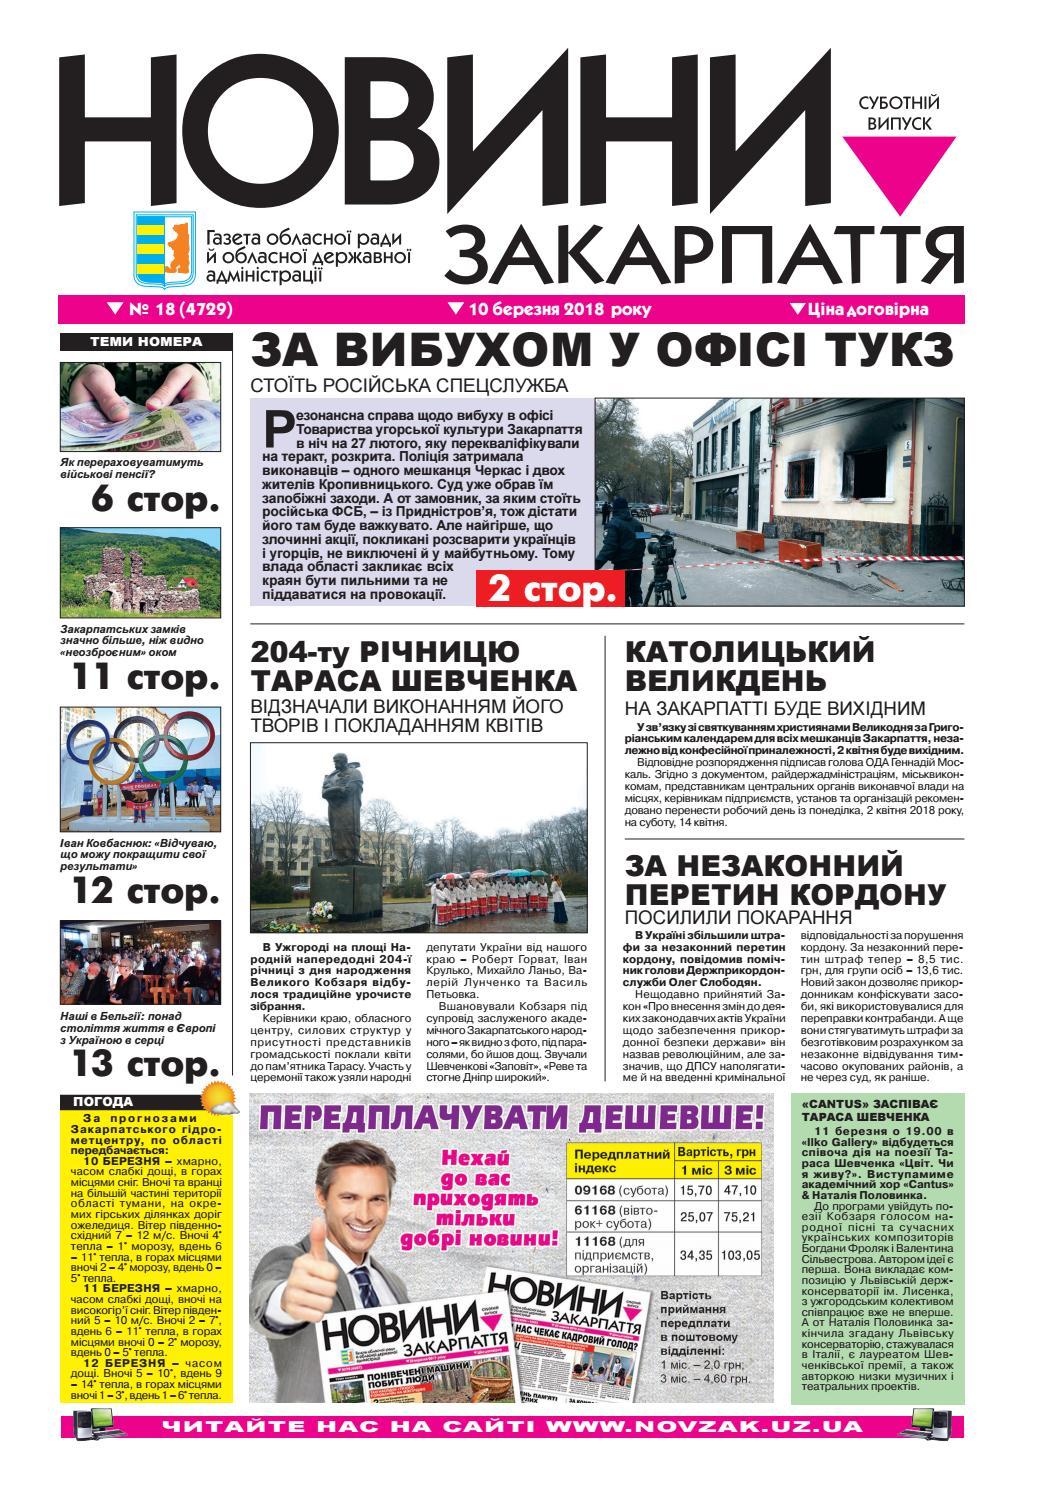 Kavkaski naselja za liječenje hipertenzije